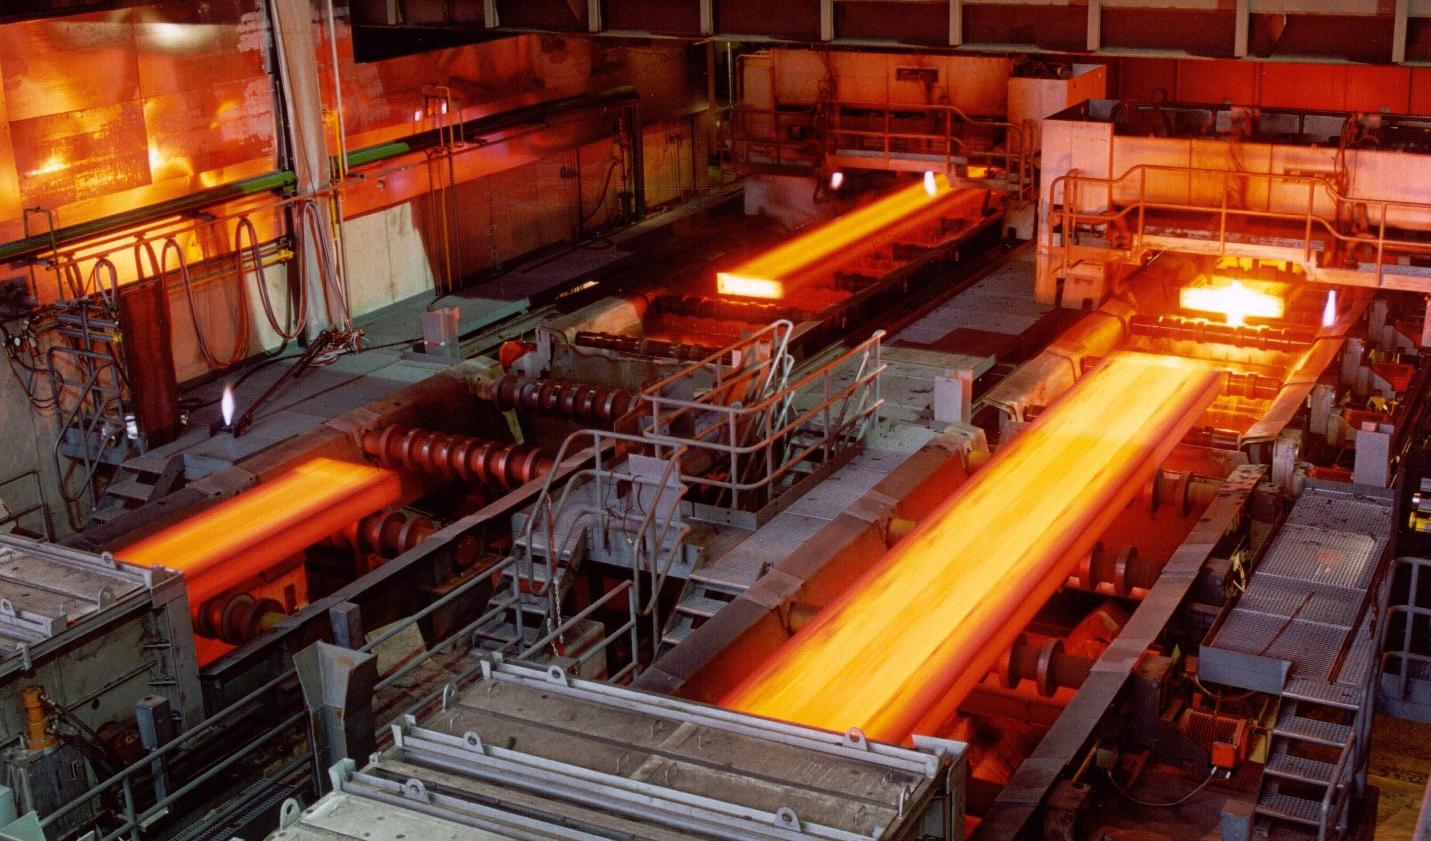 با وجود کاهش هزینه تولید فولاد بر اثر عوارض صادرات سنگآهن، ولی نرخ فروش پایین نمیآید